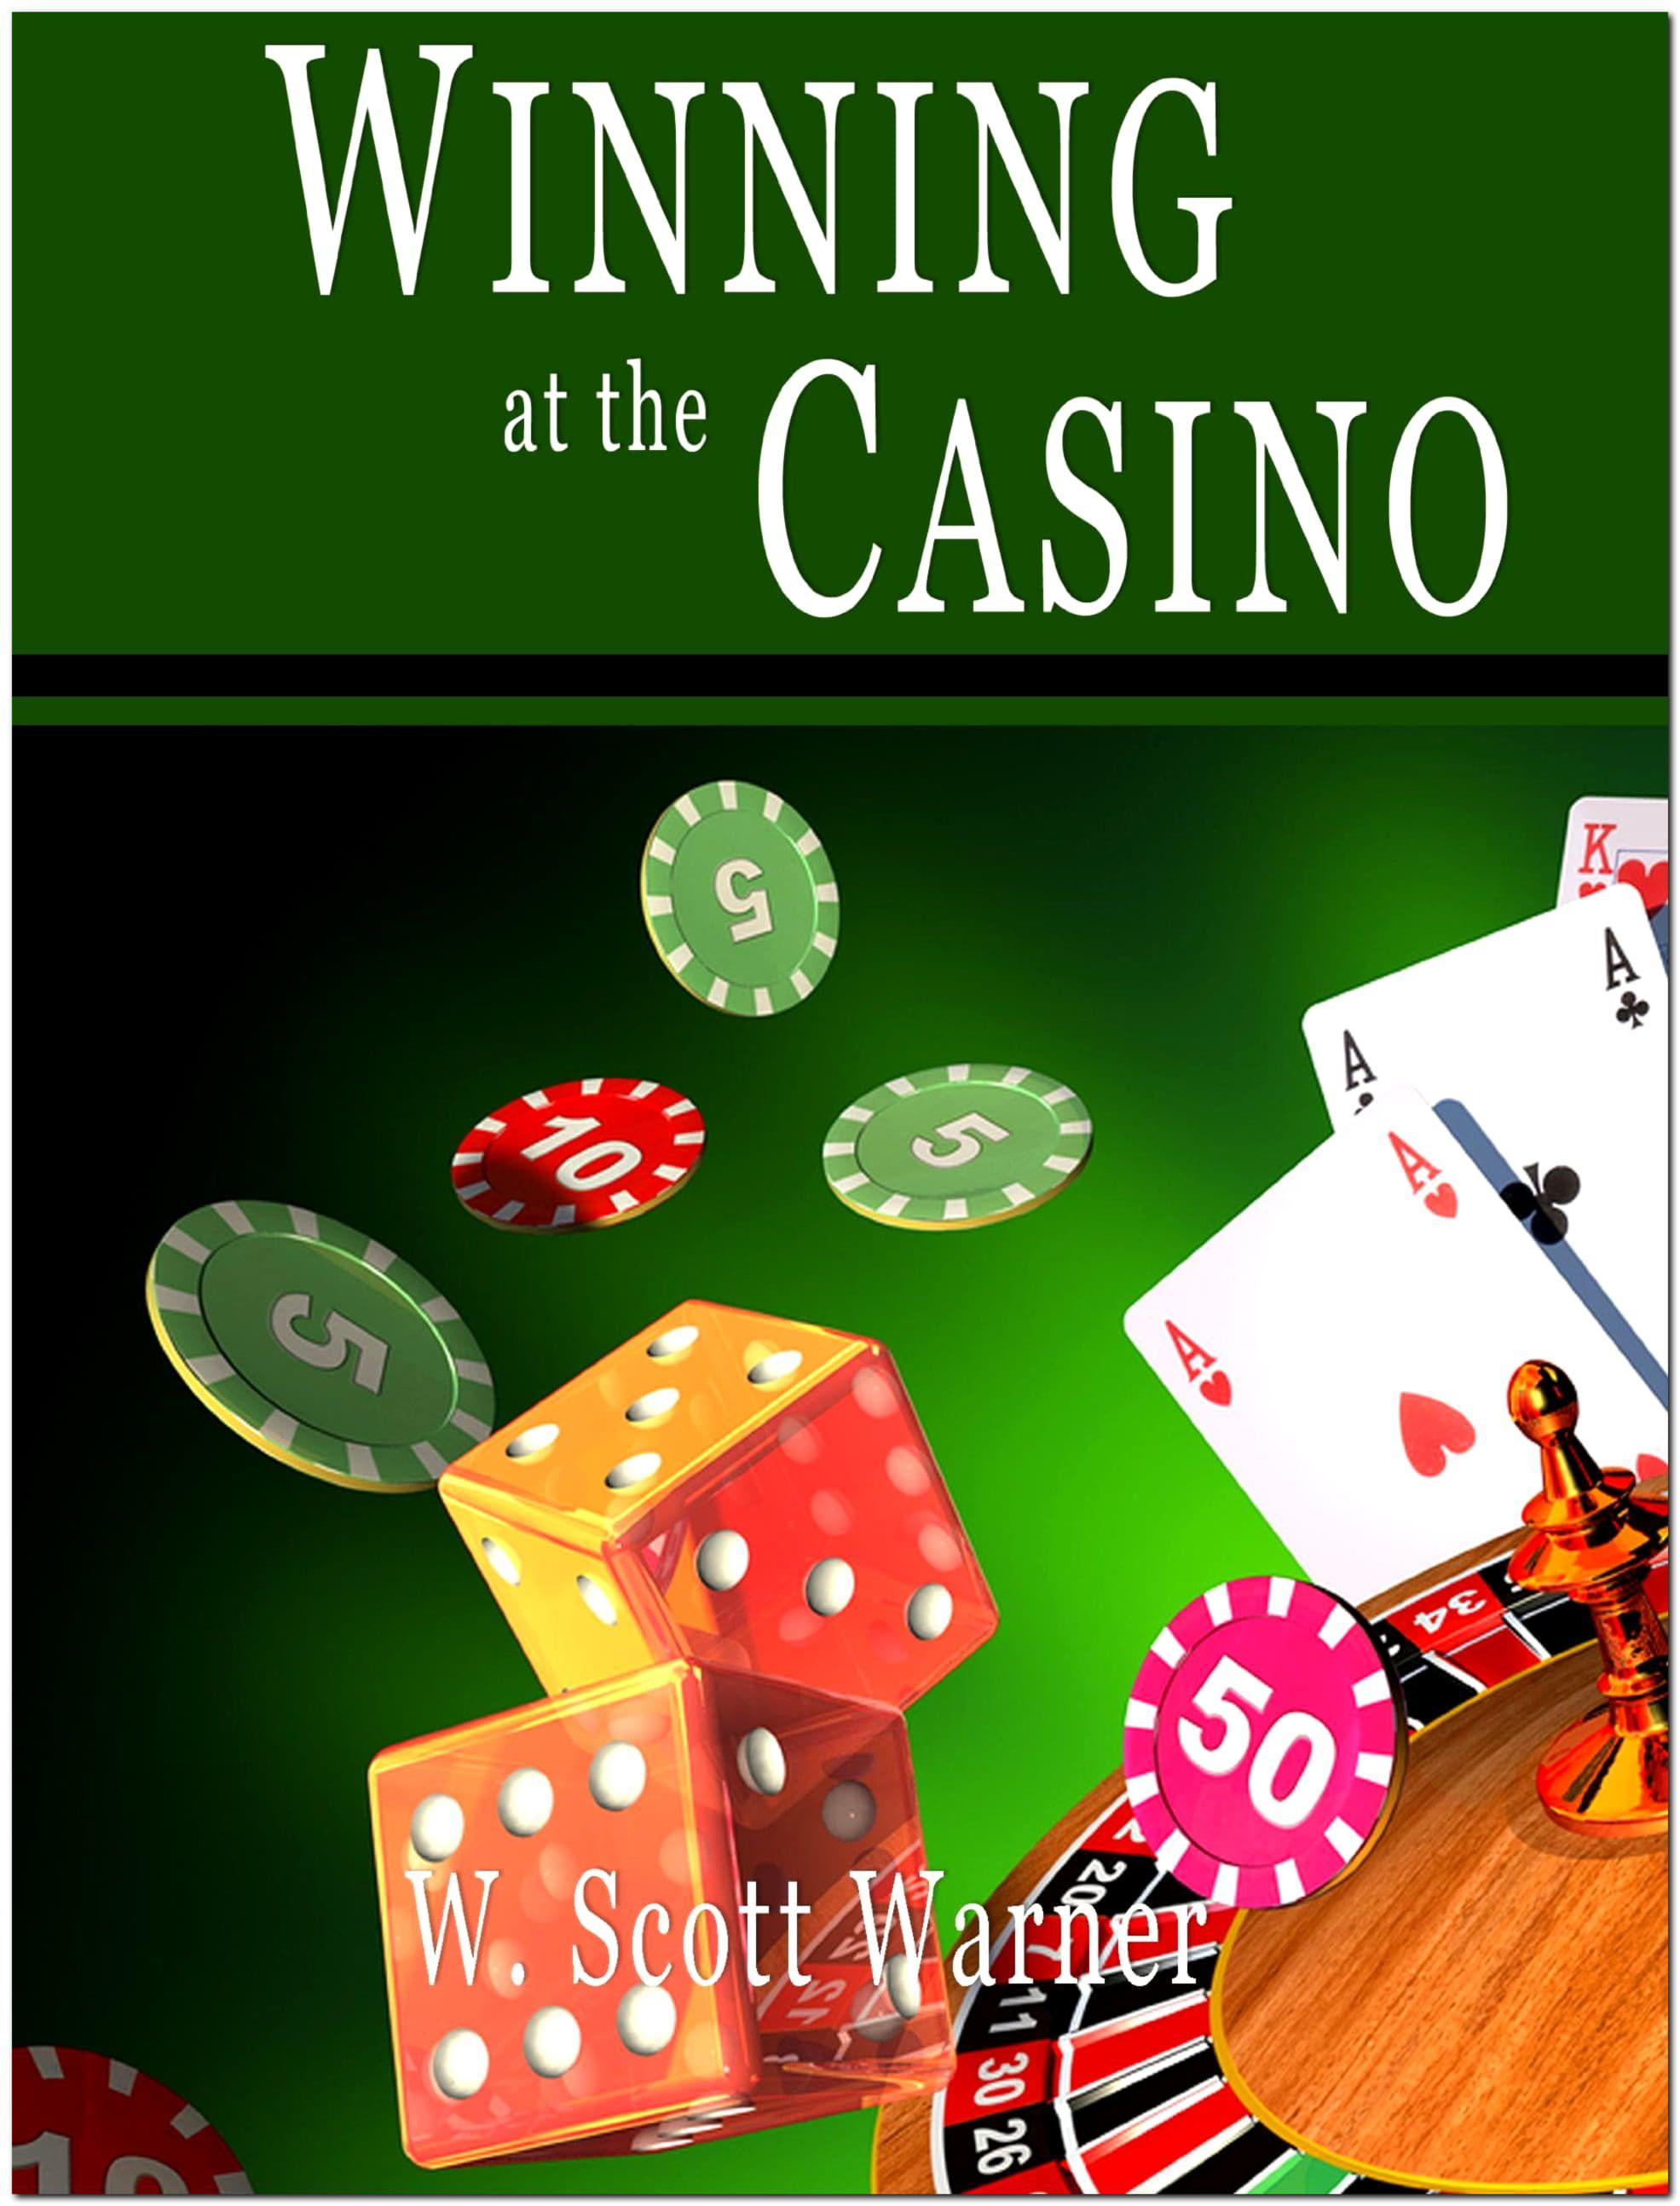 Онлайн казино 555 играть в 21 в карты бесплатно онлайн